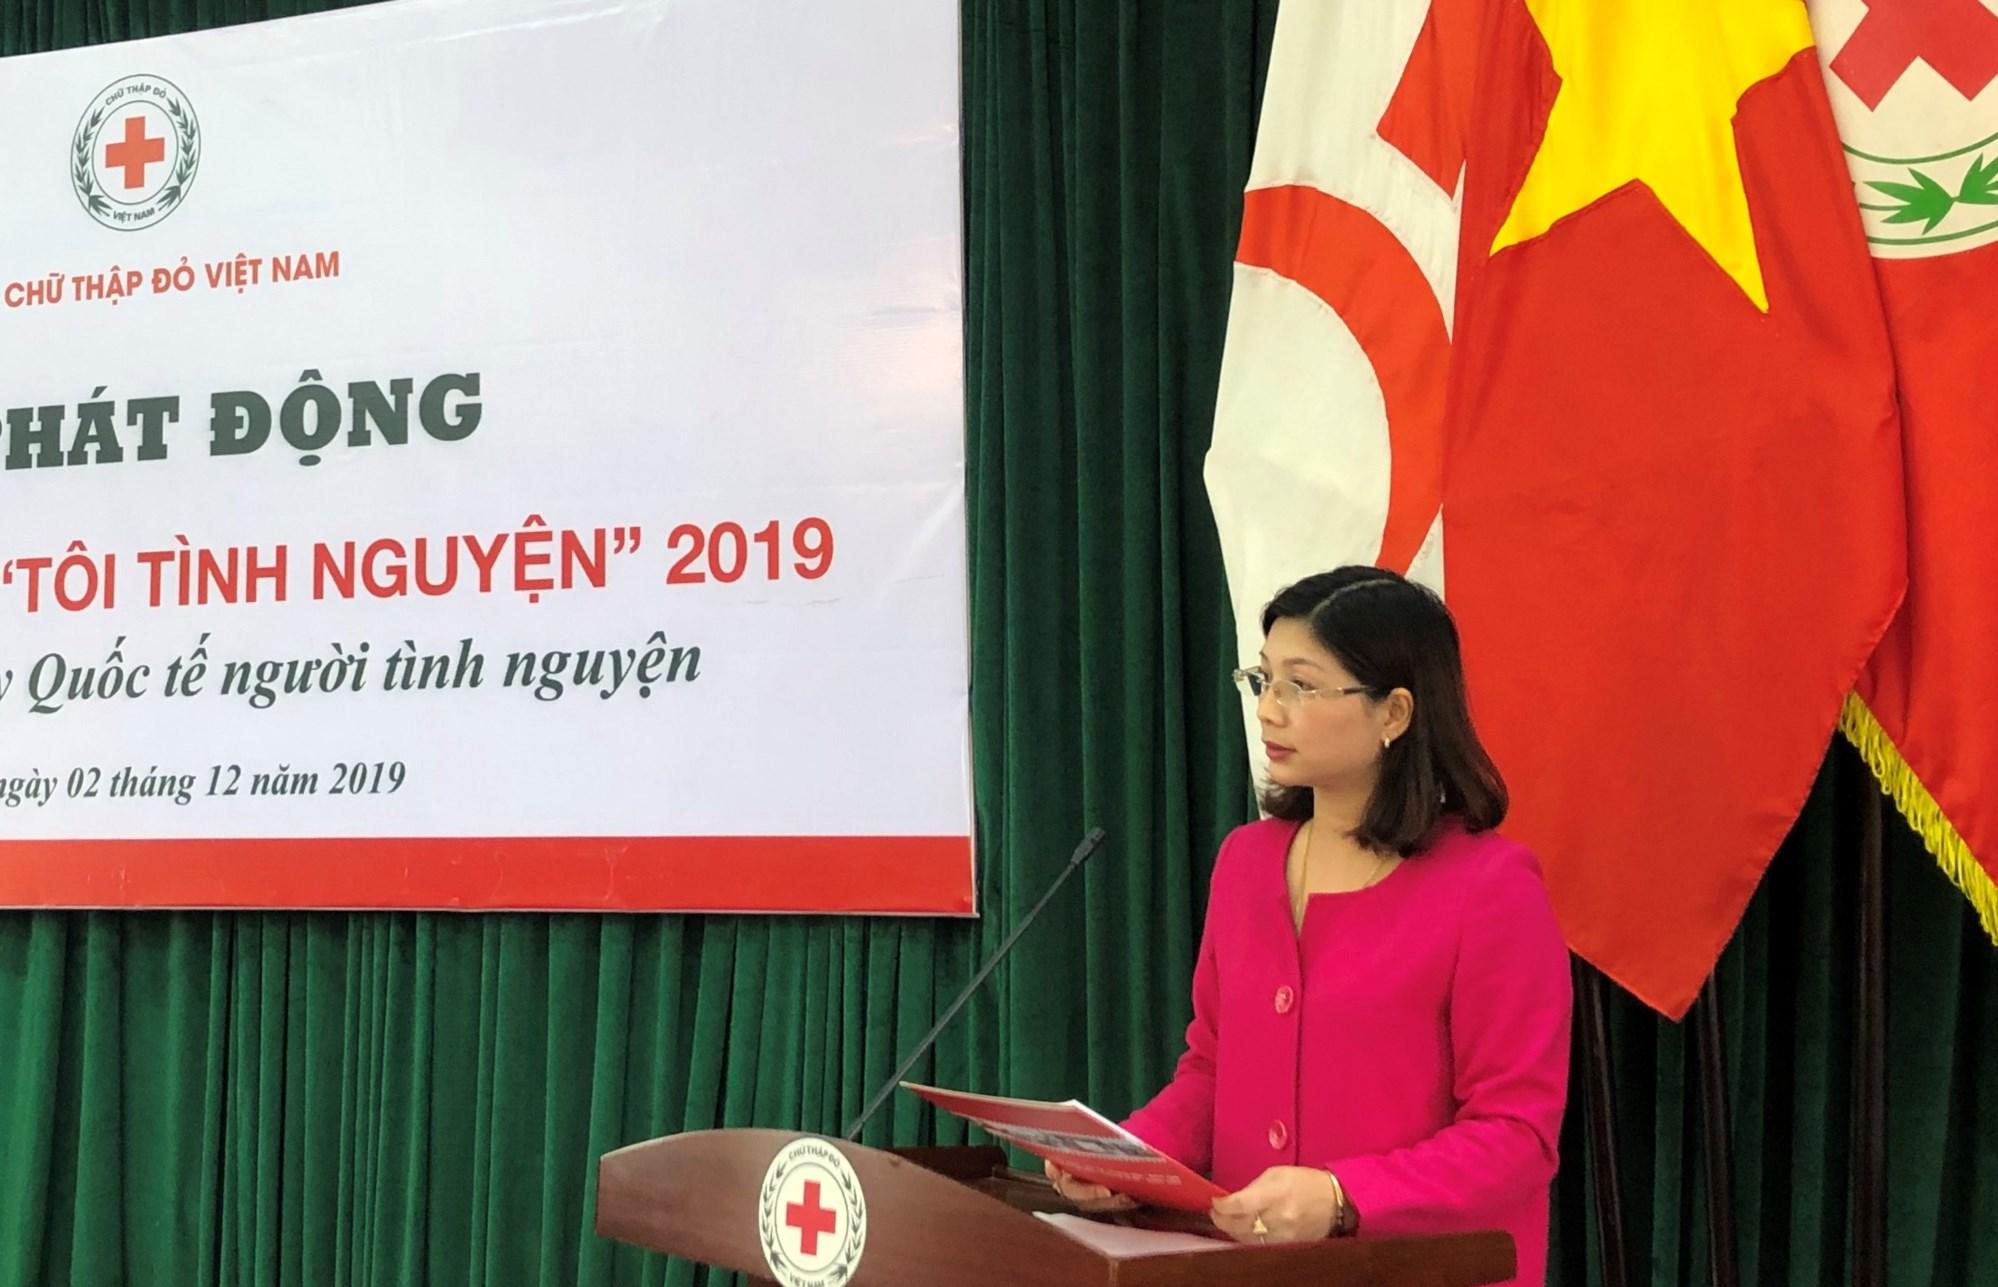 Bà Trần Thu Hằng, Trưởng Ban Truyền thông và Tình nguyện viên, Trung ương Hội Chữ thập đỏ Việt Nam phát biểu tại Lễ phát động